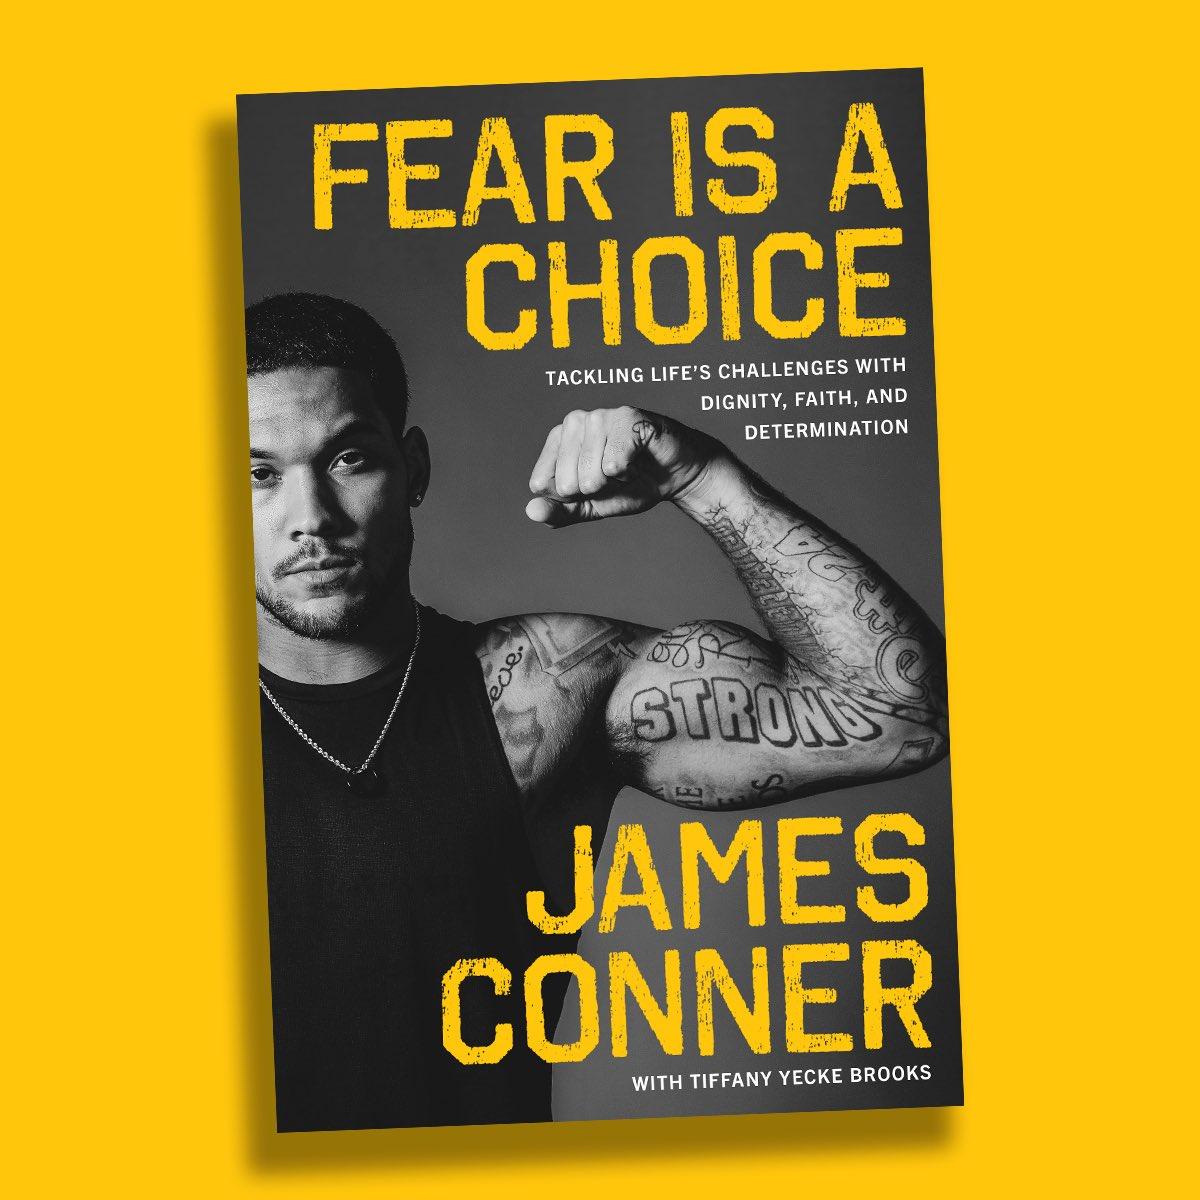 James Conner (@JamesConner_) on Twitter photo 23/01/2020 23:42:13